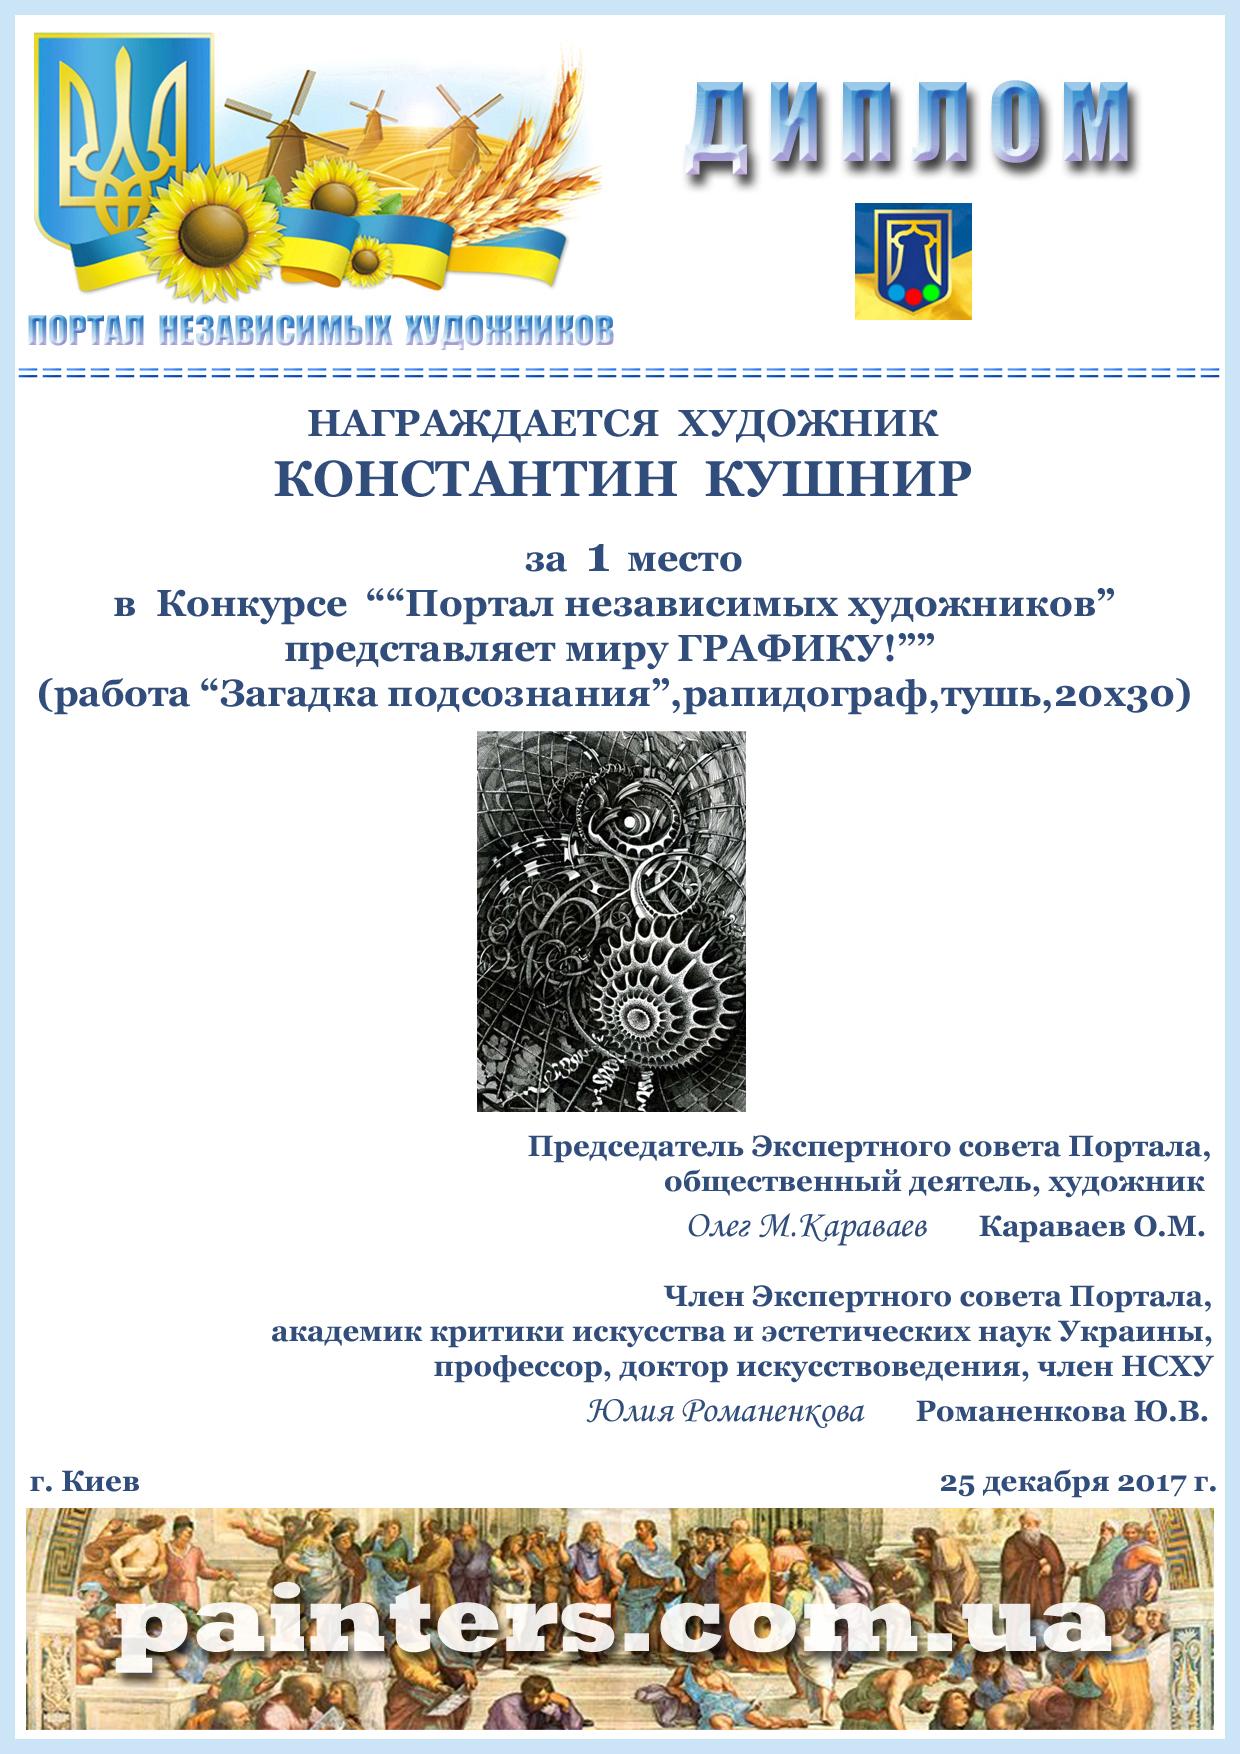 Фото-Победитель Конкурса Графики художник Константин Кушнир (г. Запорожье)